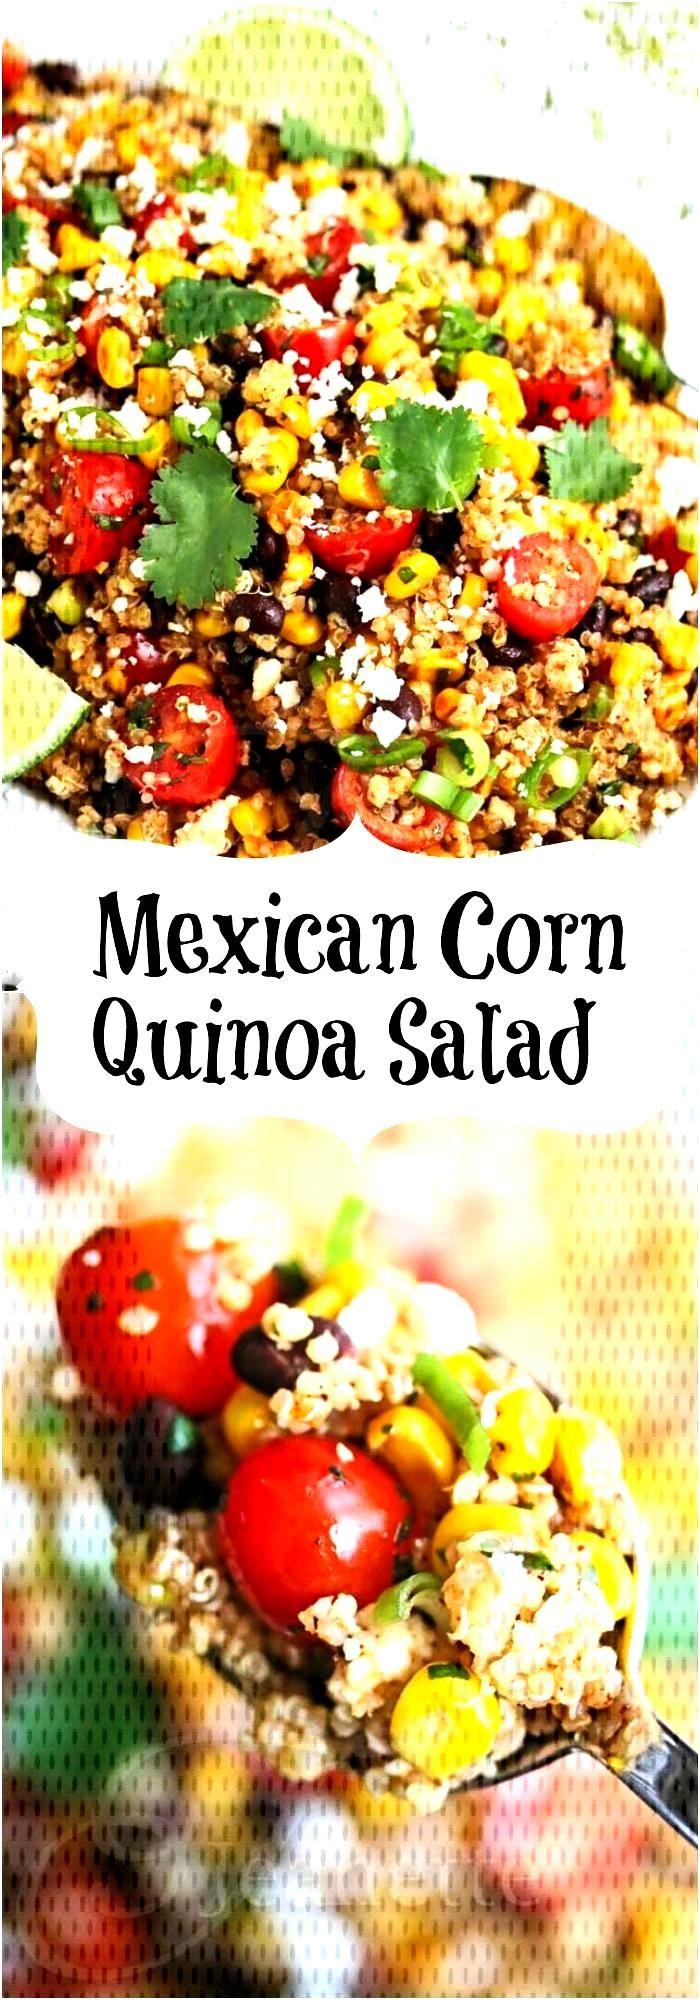 Mexican Corn Quinoa Salad Recipe -